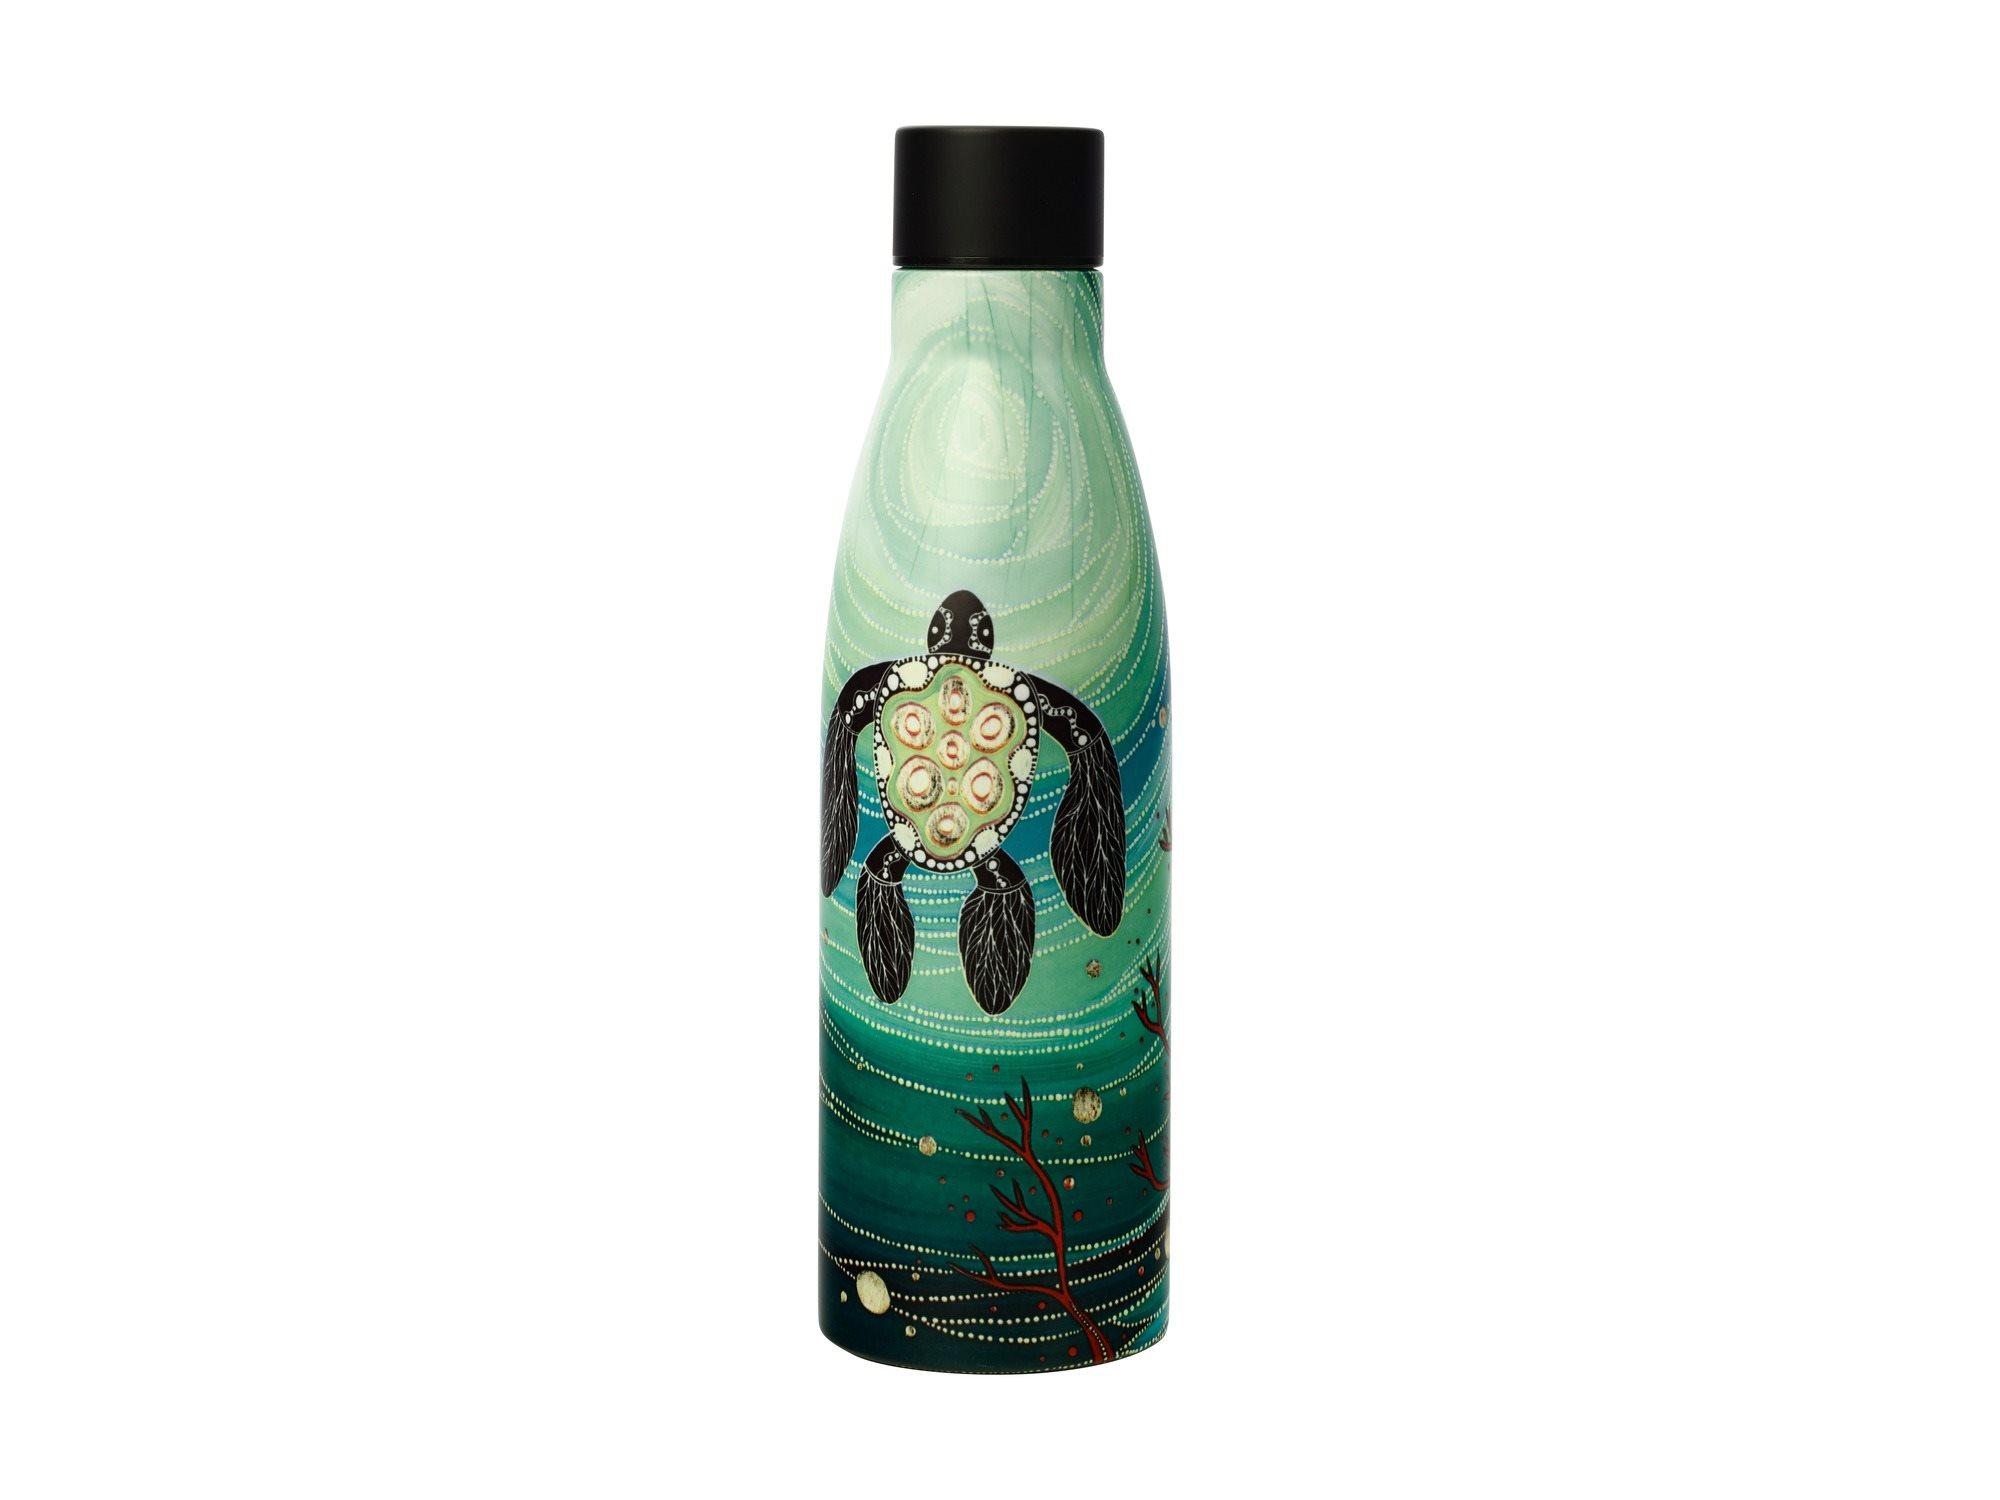 Maxwell & Williams Ανοξείδωτο Θερμομονωτικό Μπουκάλι Melanie Hava Jugaig-Bana-Wabu Reef Turtles 0.50lt